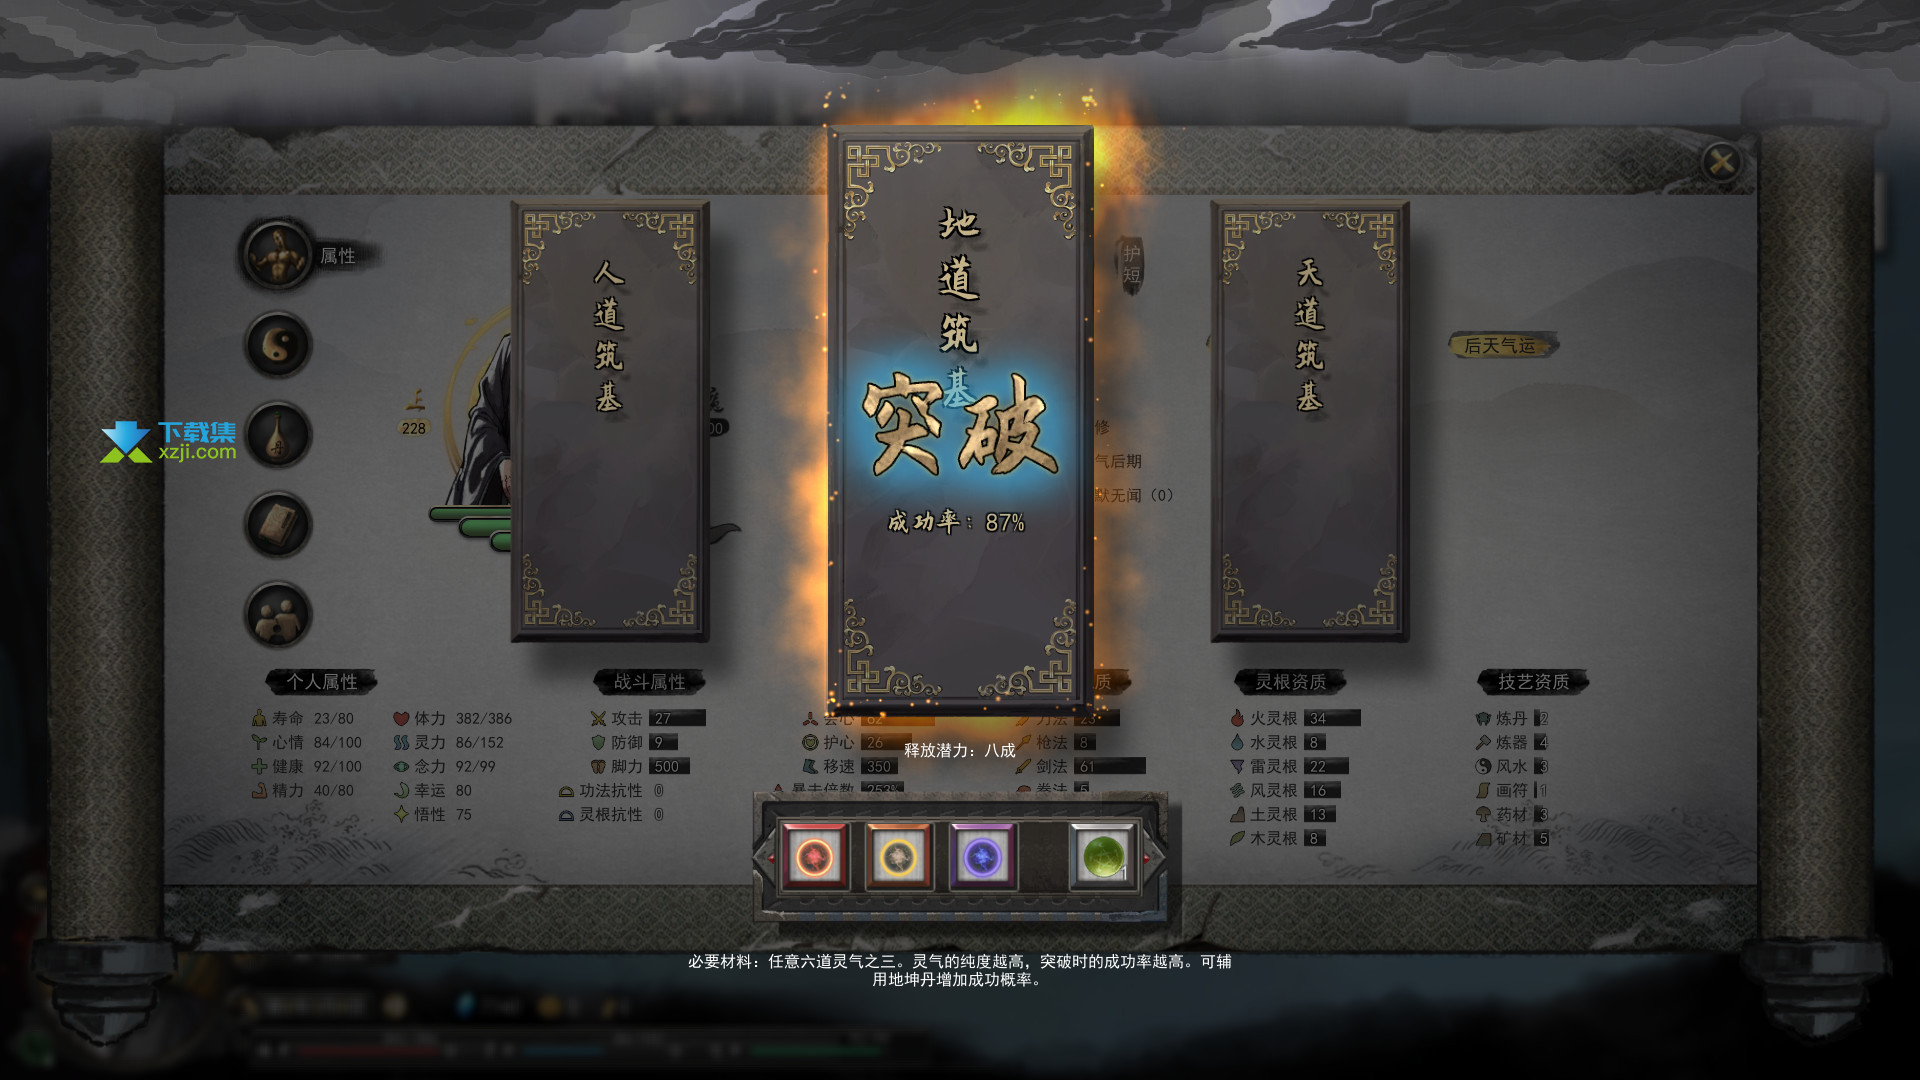 鬼谷八荒中文版界面4